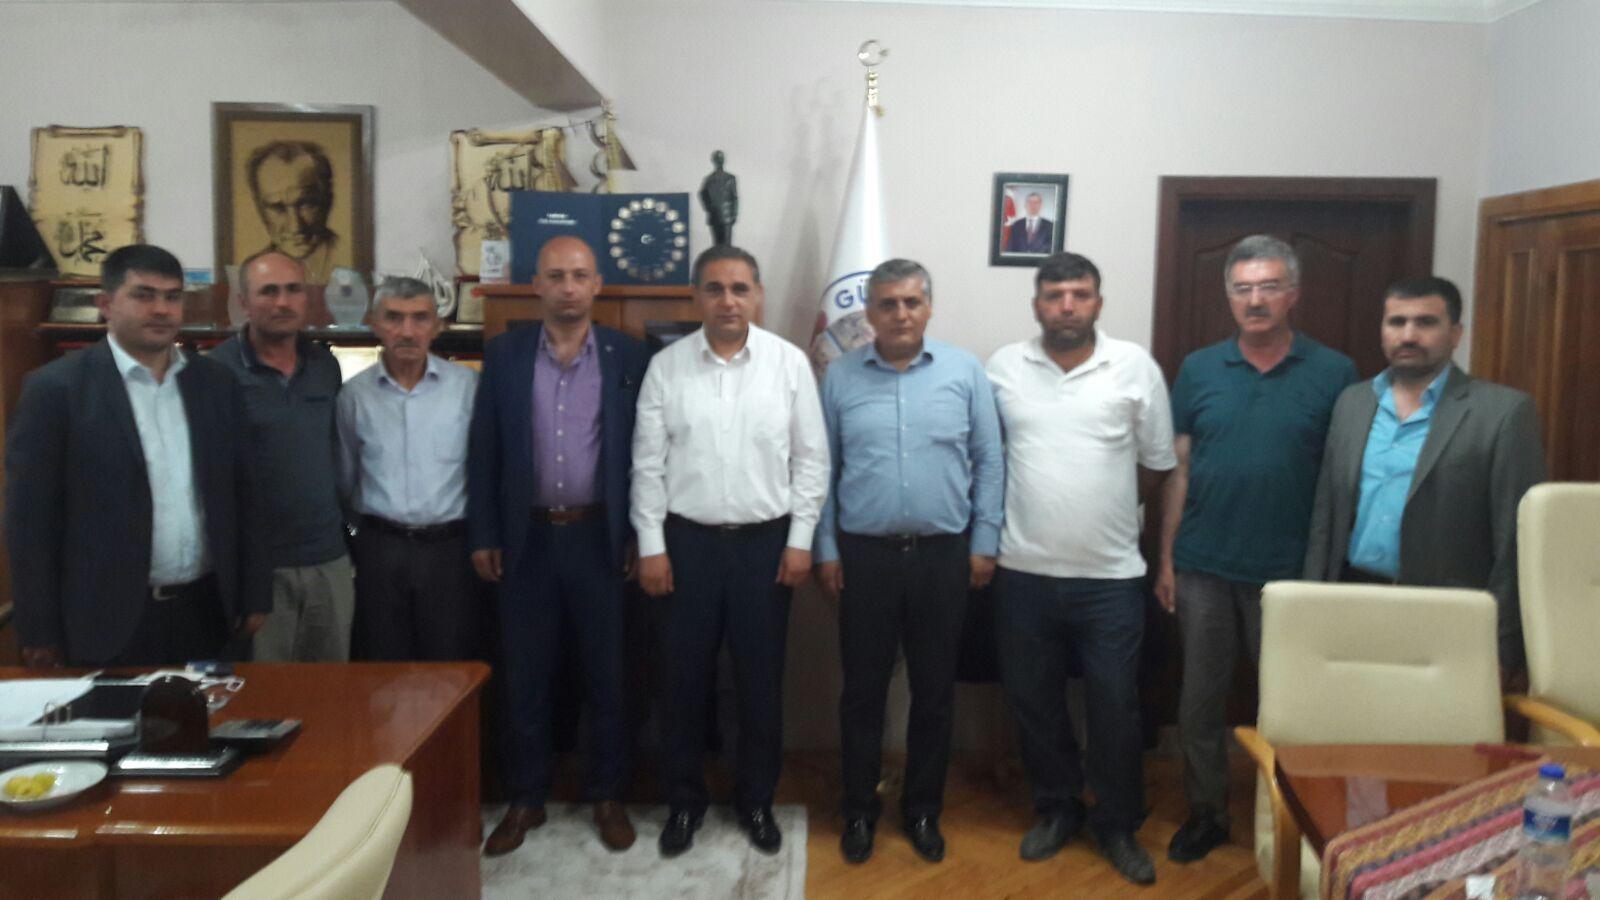 MHP SİVAS İL BAŞKANI NAVRUZ'DAN BAŞKAN ÇİFTÇİ'YE ZİYARET